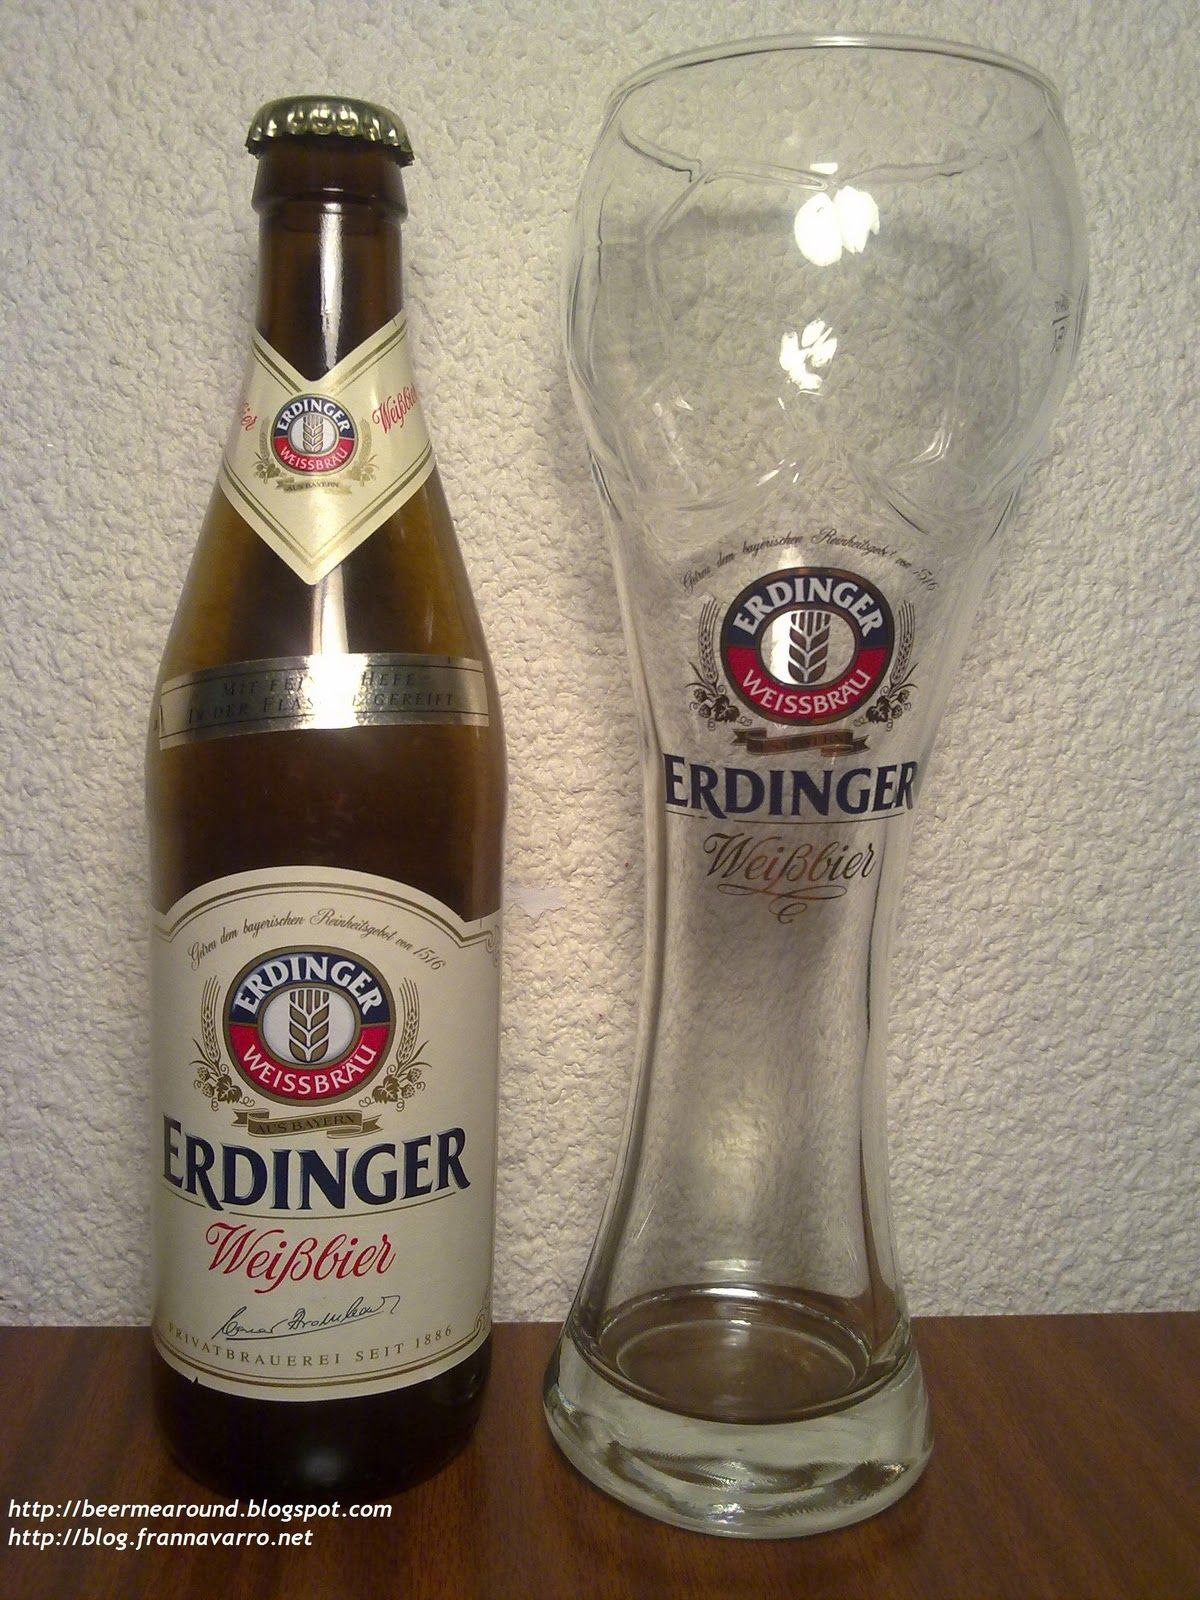 [Imagen: Erdinger+Weissbier+II+edited.jpg]